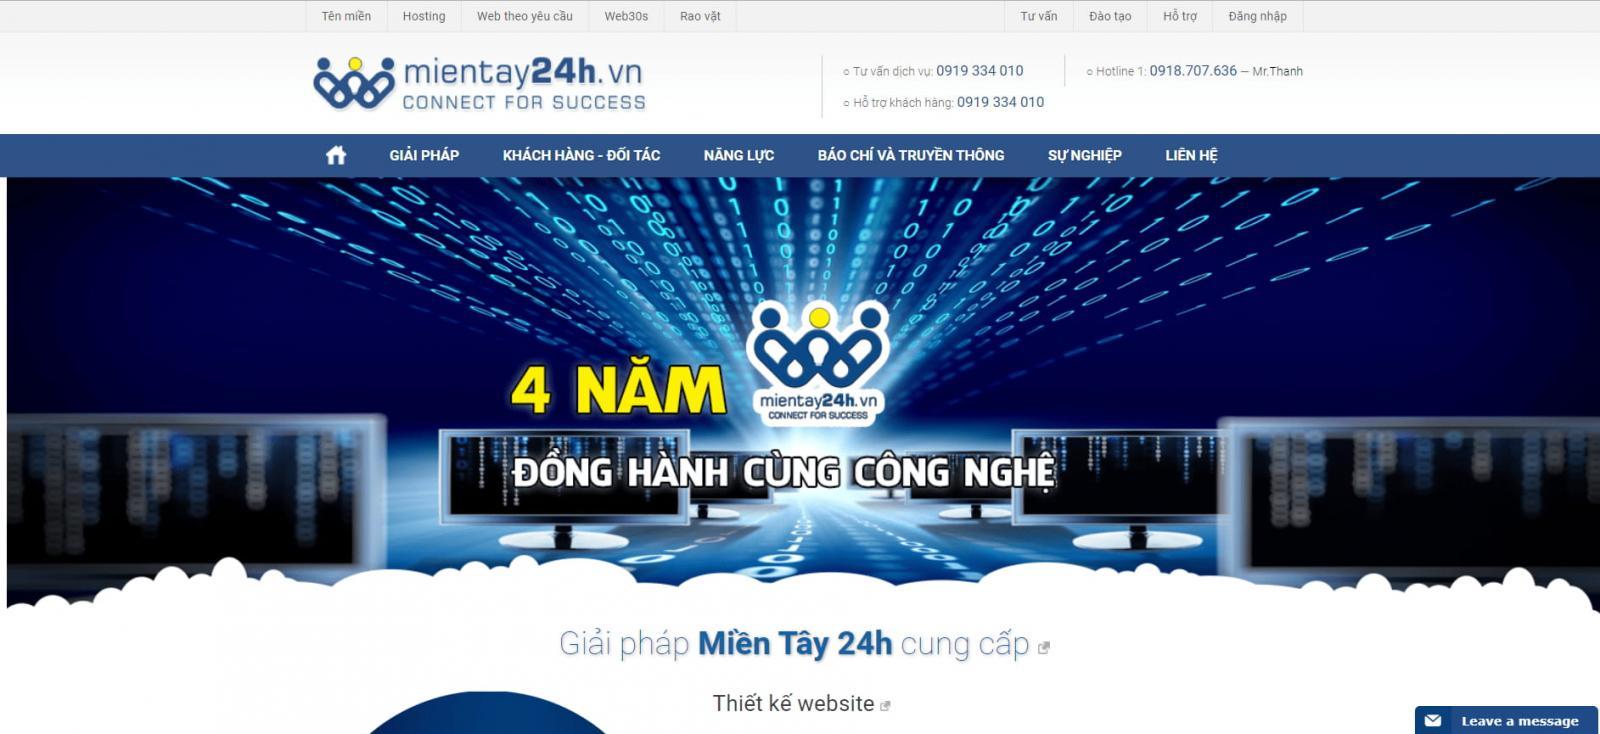 công ty thiết kế Web tại Cần Thơ - Miền Tây 24h